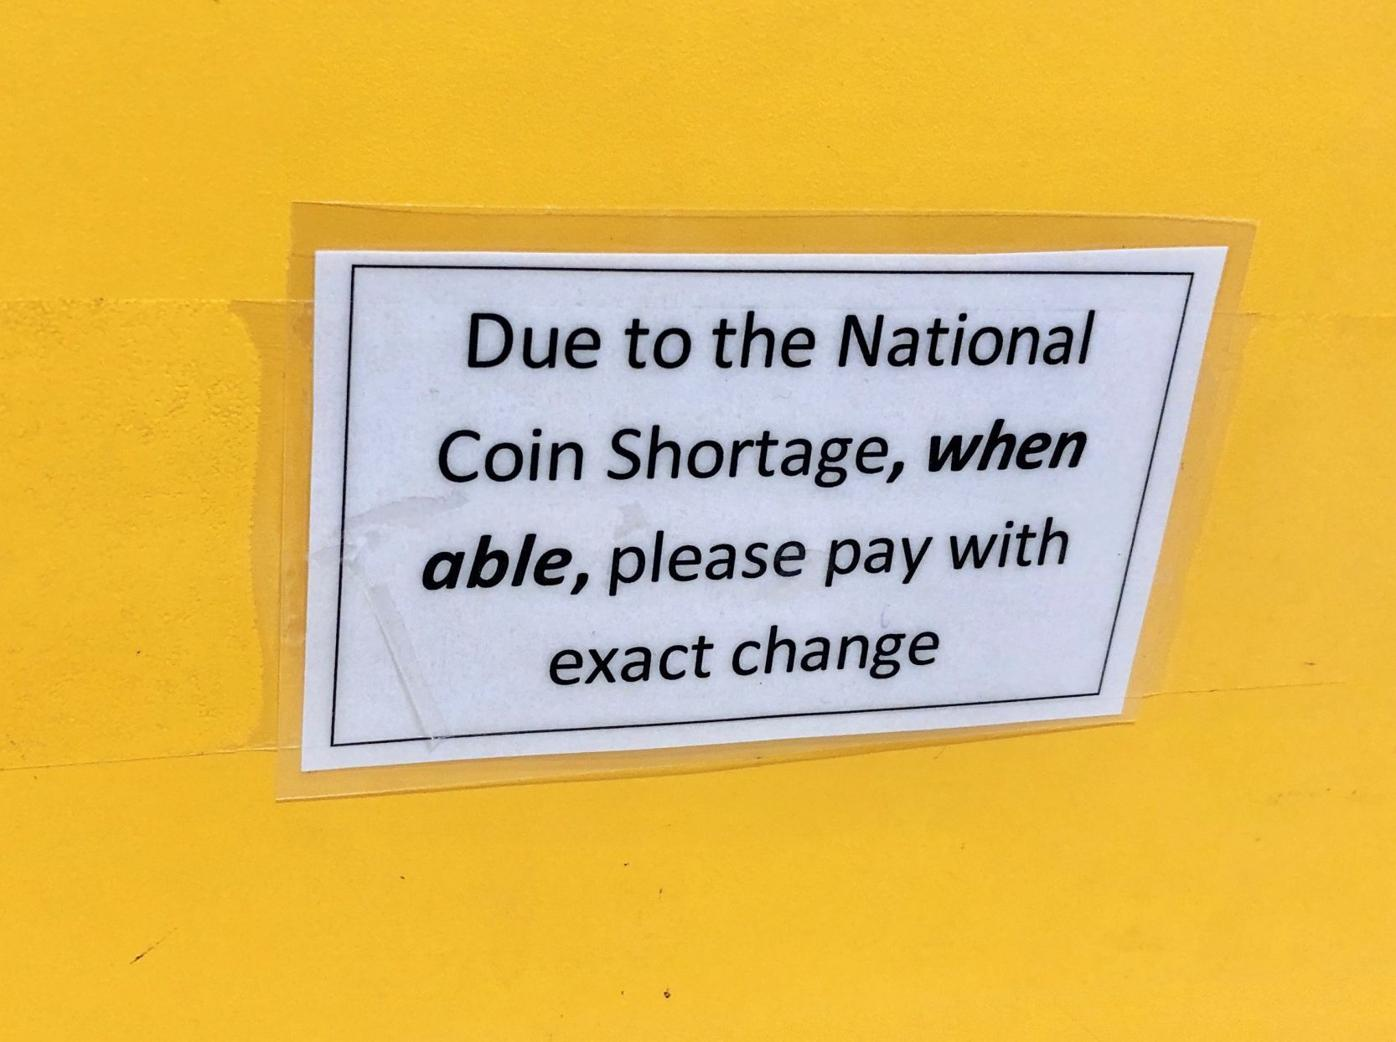 Coin shortage